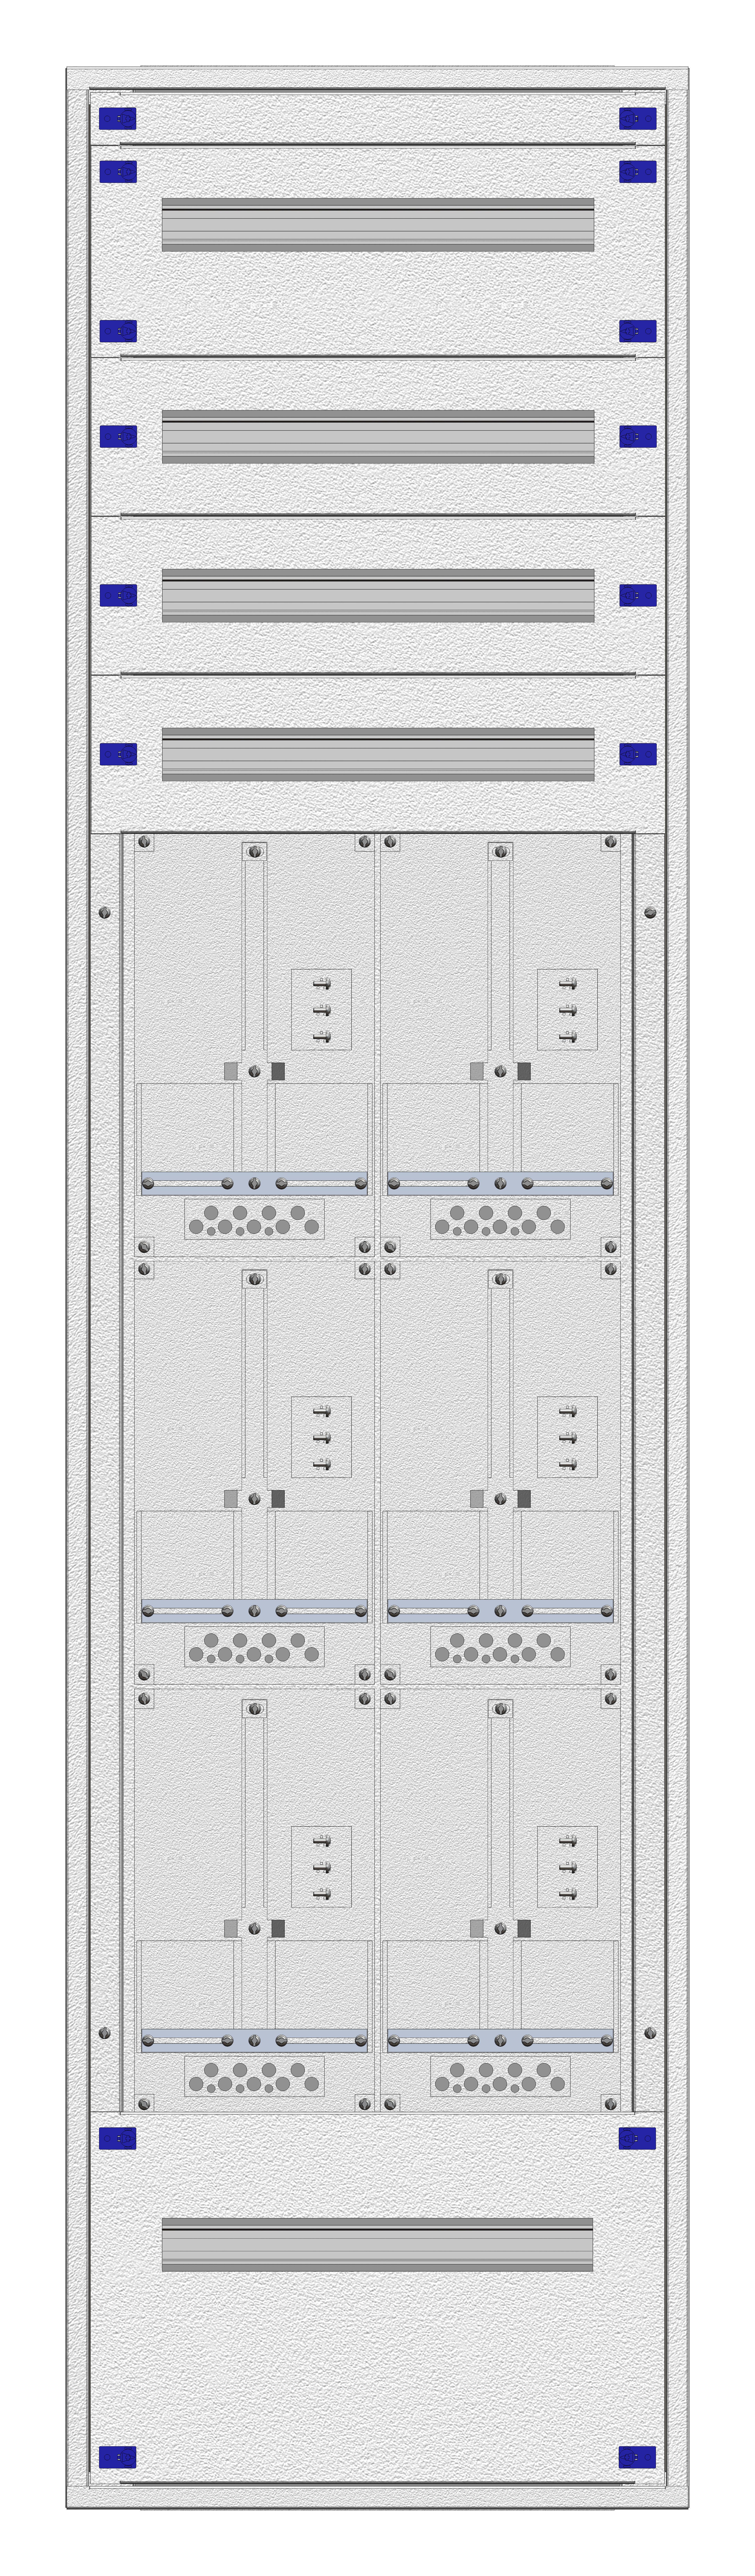 1 Stk Aufputz-Zählerverteiler 2A-45M/OOE 6ZP, H2160B590T250mm IL168245OS